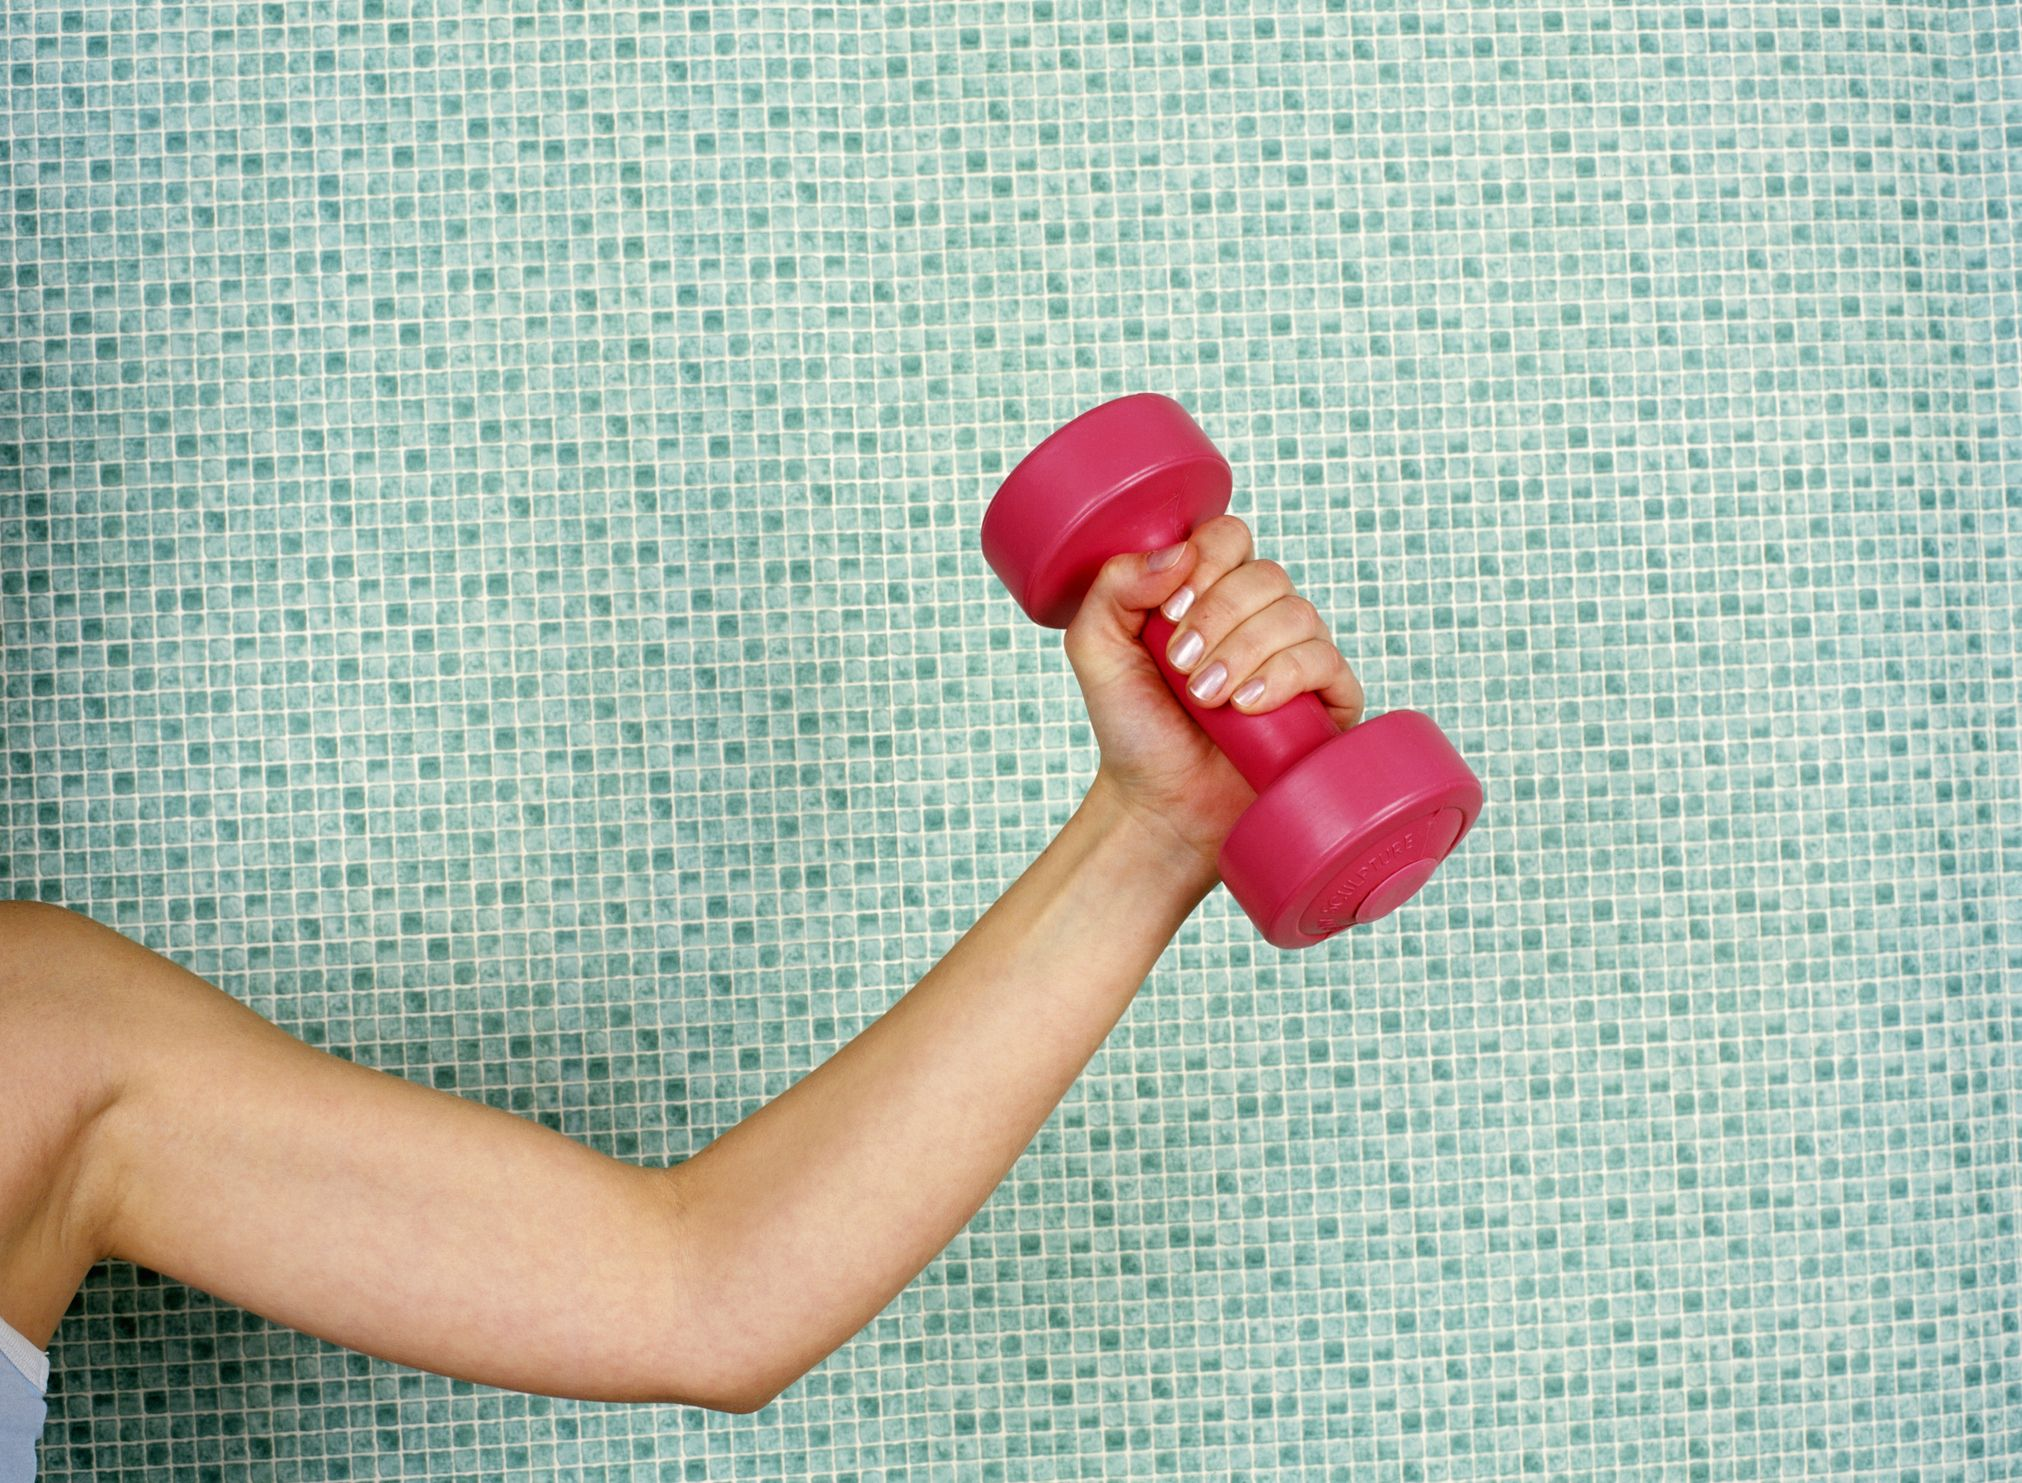 Exercices pour combattre la cellulite des bras